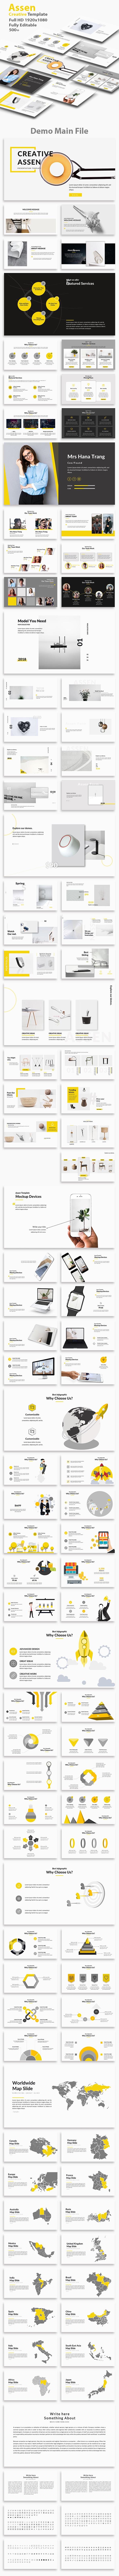 Assen Creative PowerPoint Template - Creative PowerPoint Templates